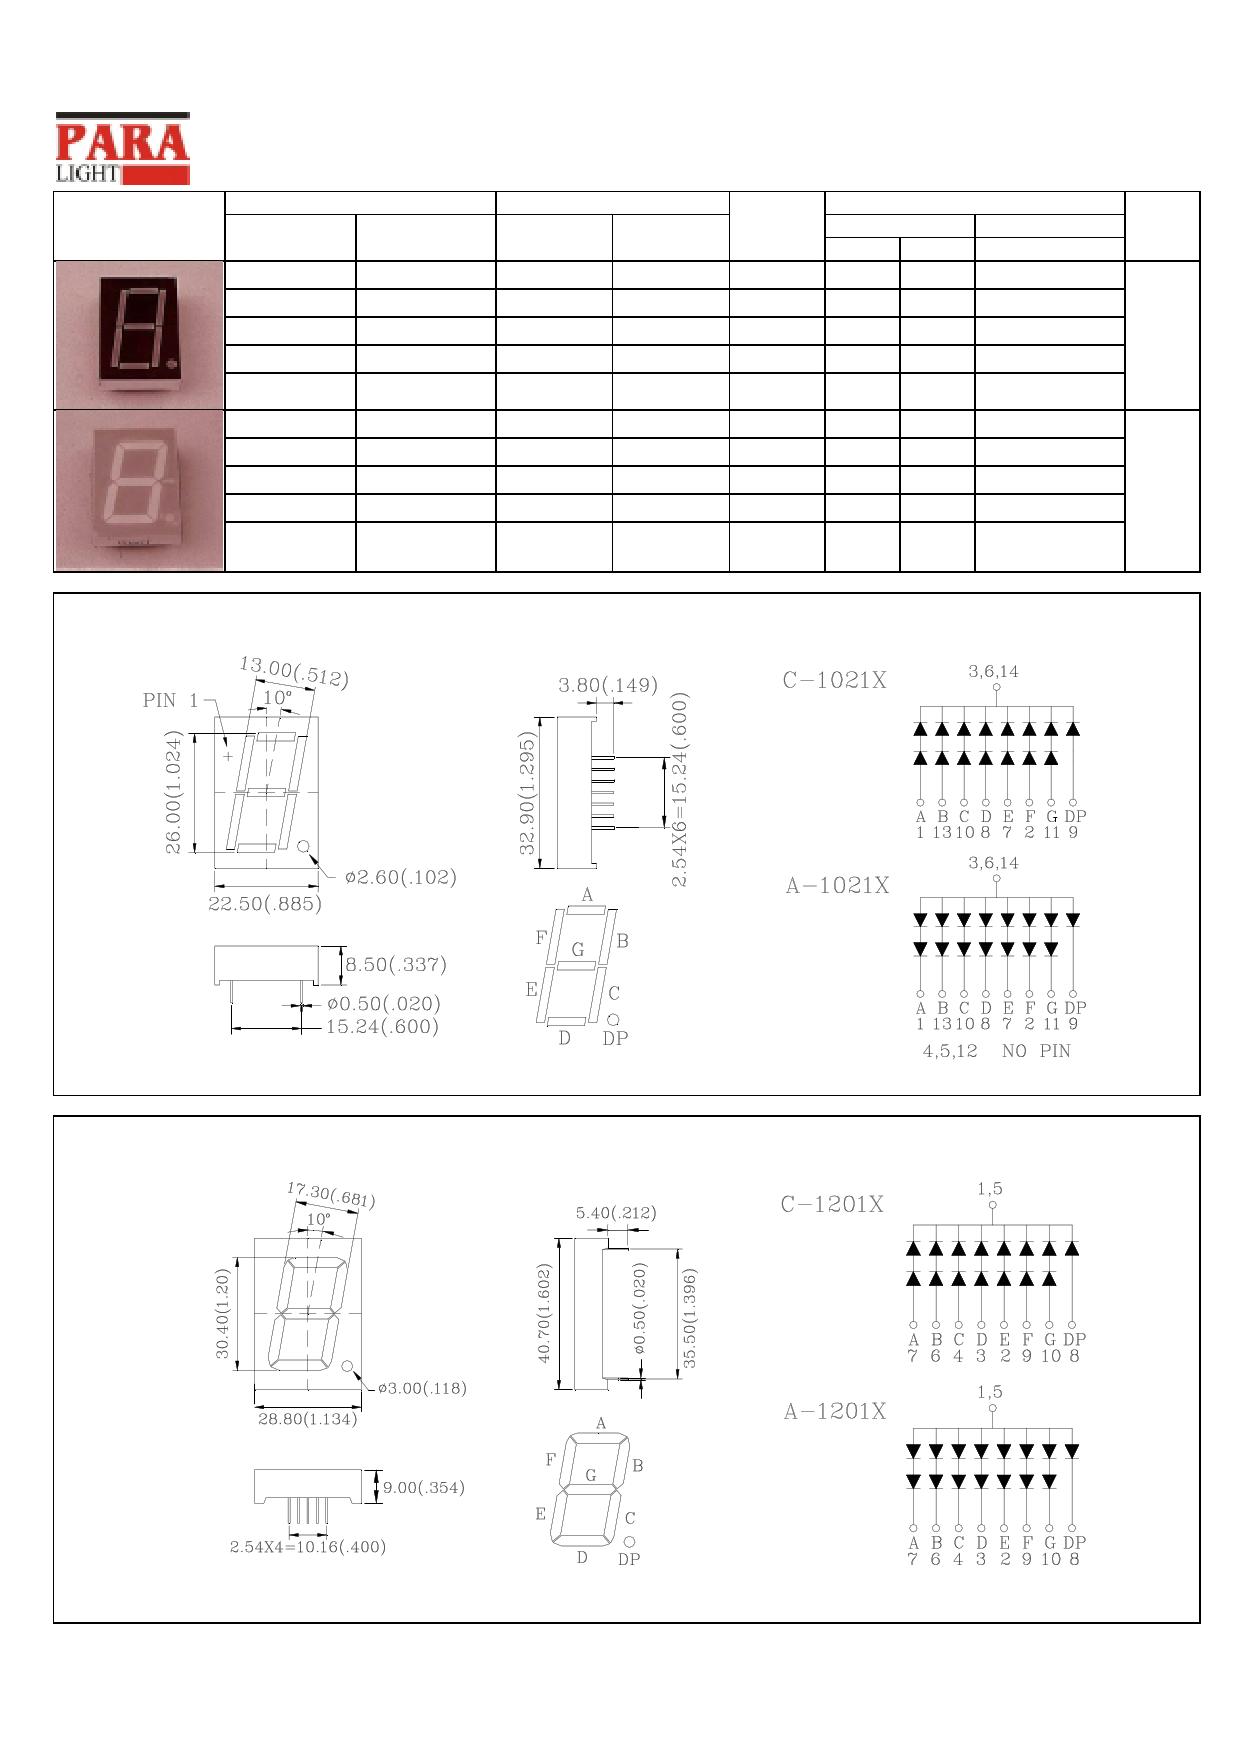 C-1201Y 데이터시트 및 C-1201Y PDF